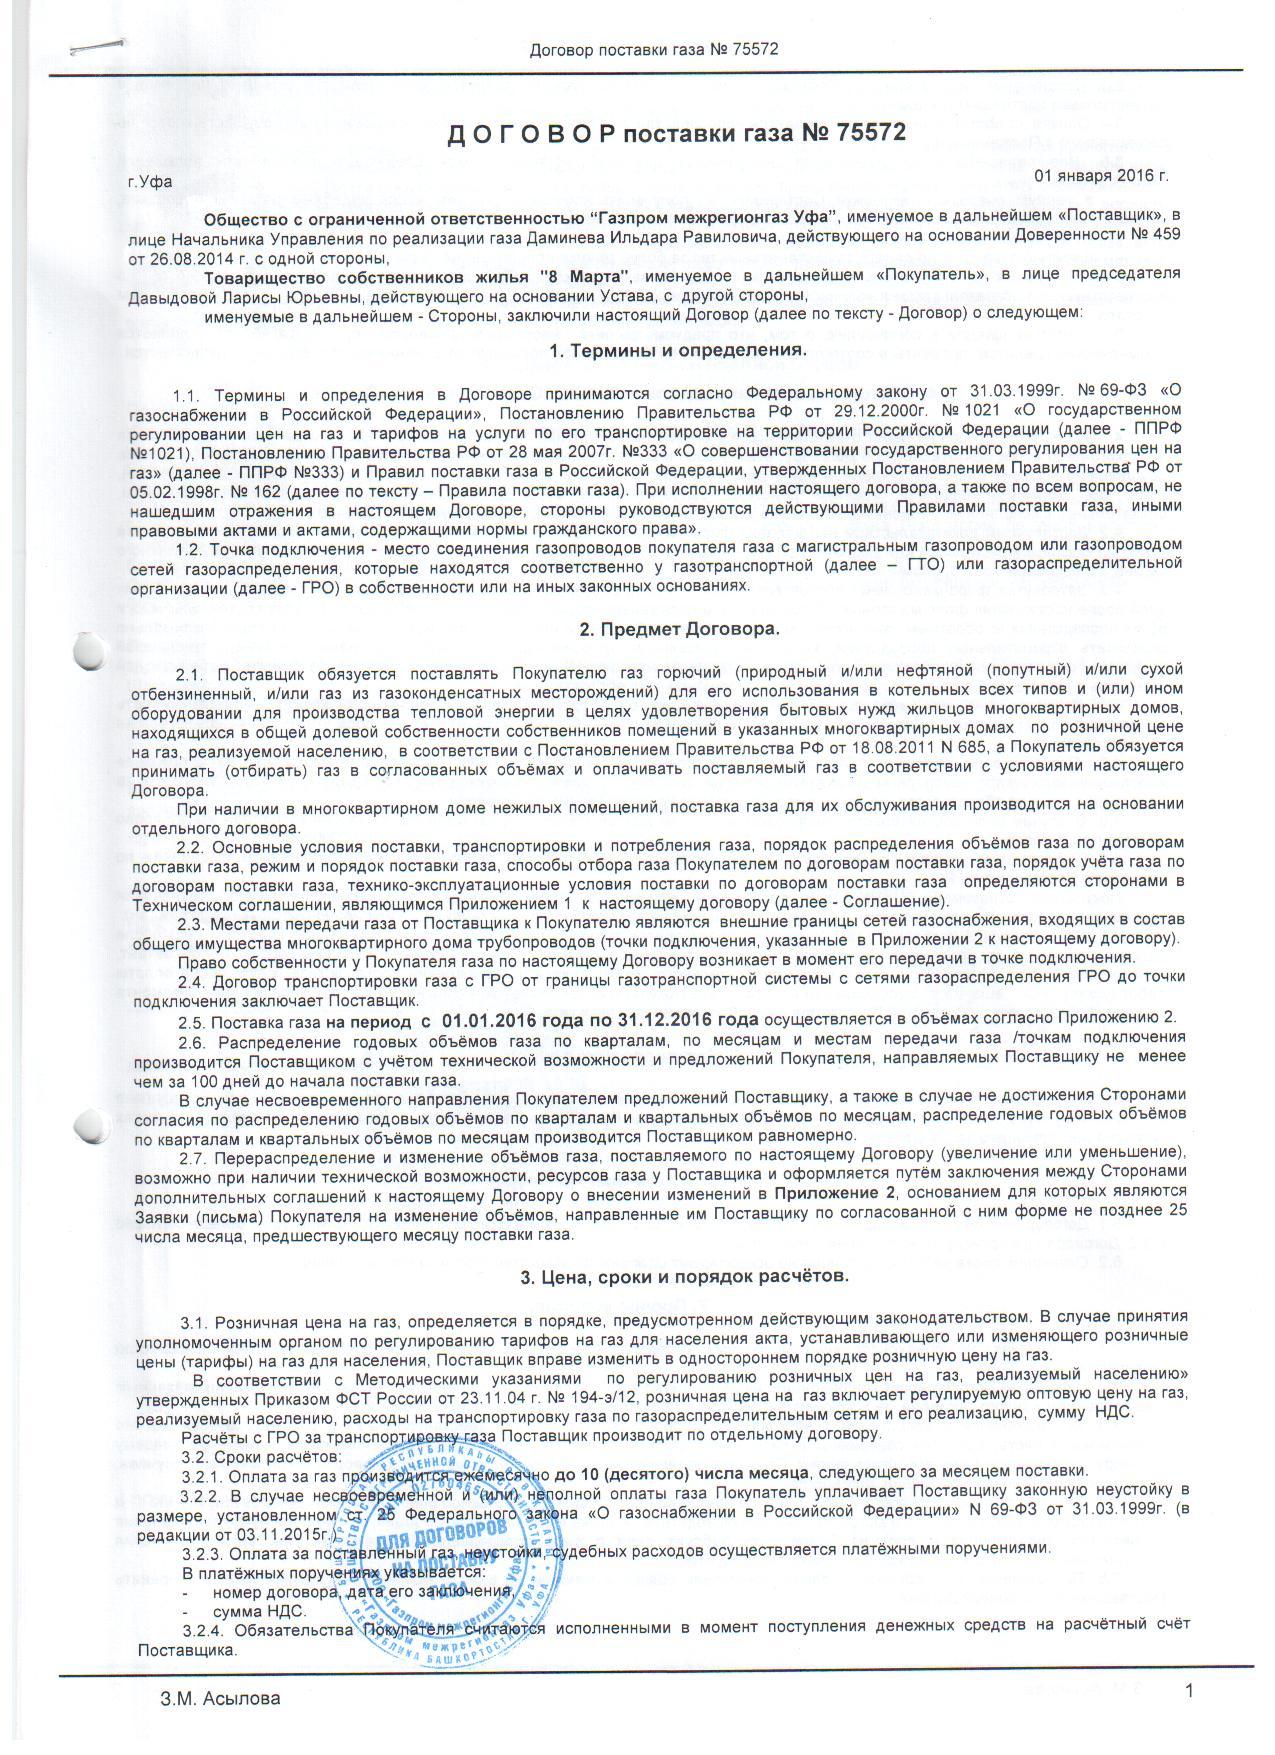 Перечень документов для заключения договора на поставку природного газа с ооо «днепропетровскгаз сбыт»